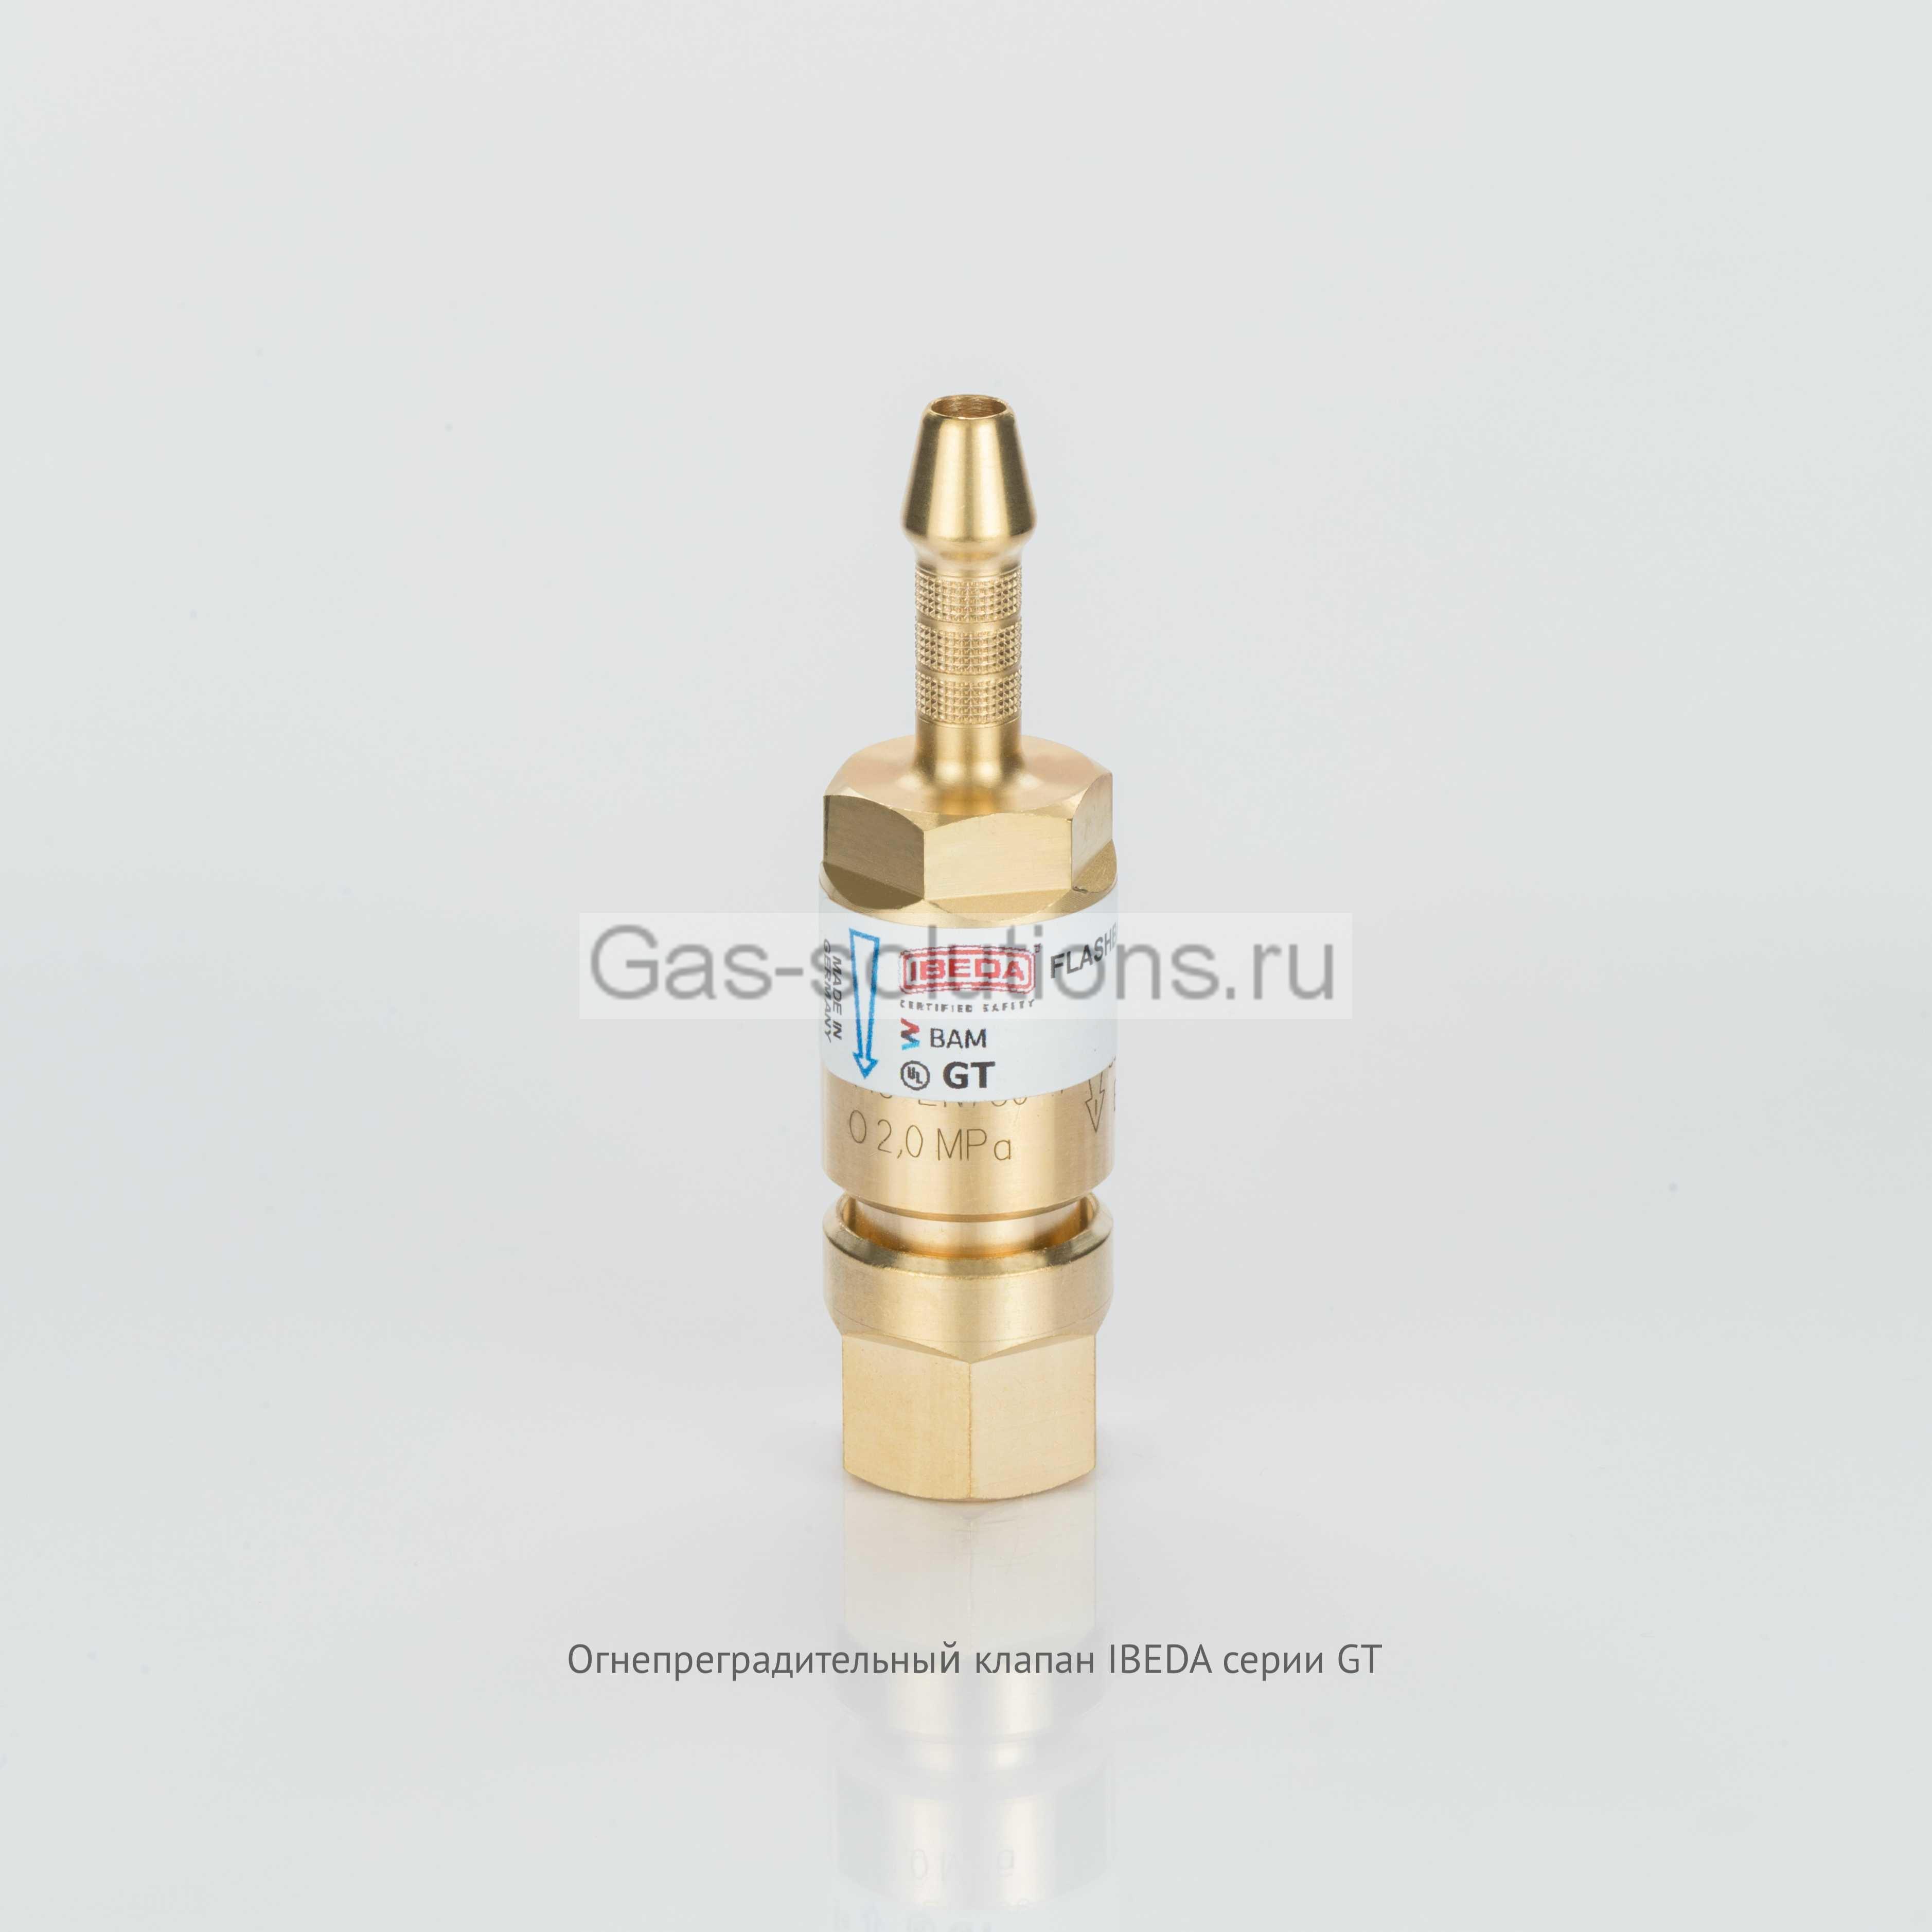 Огнепреградительный клапан IBEDA серии GT